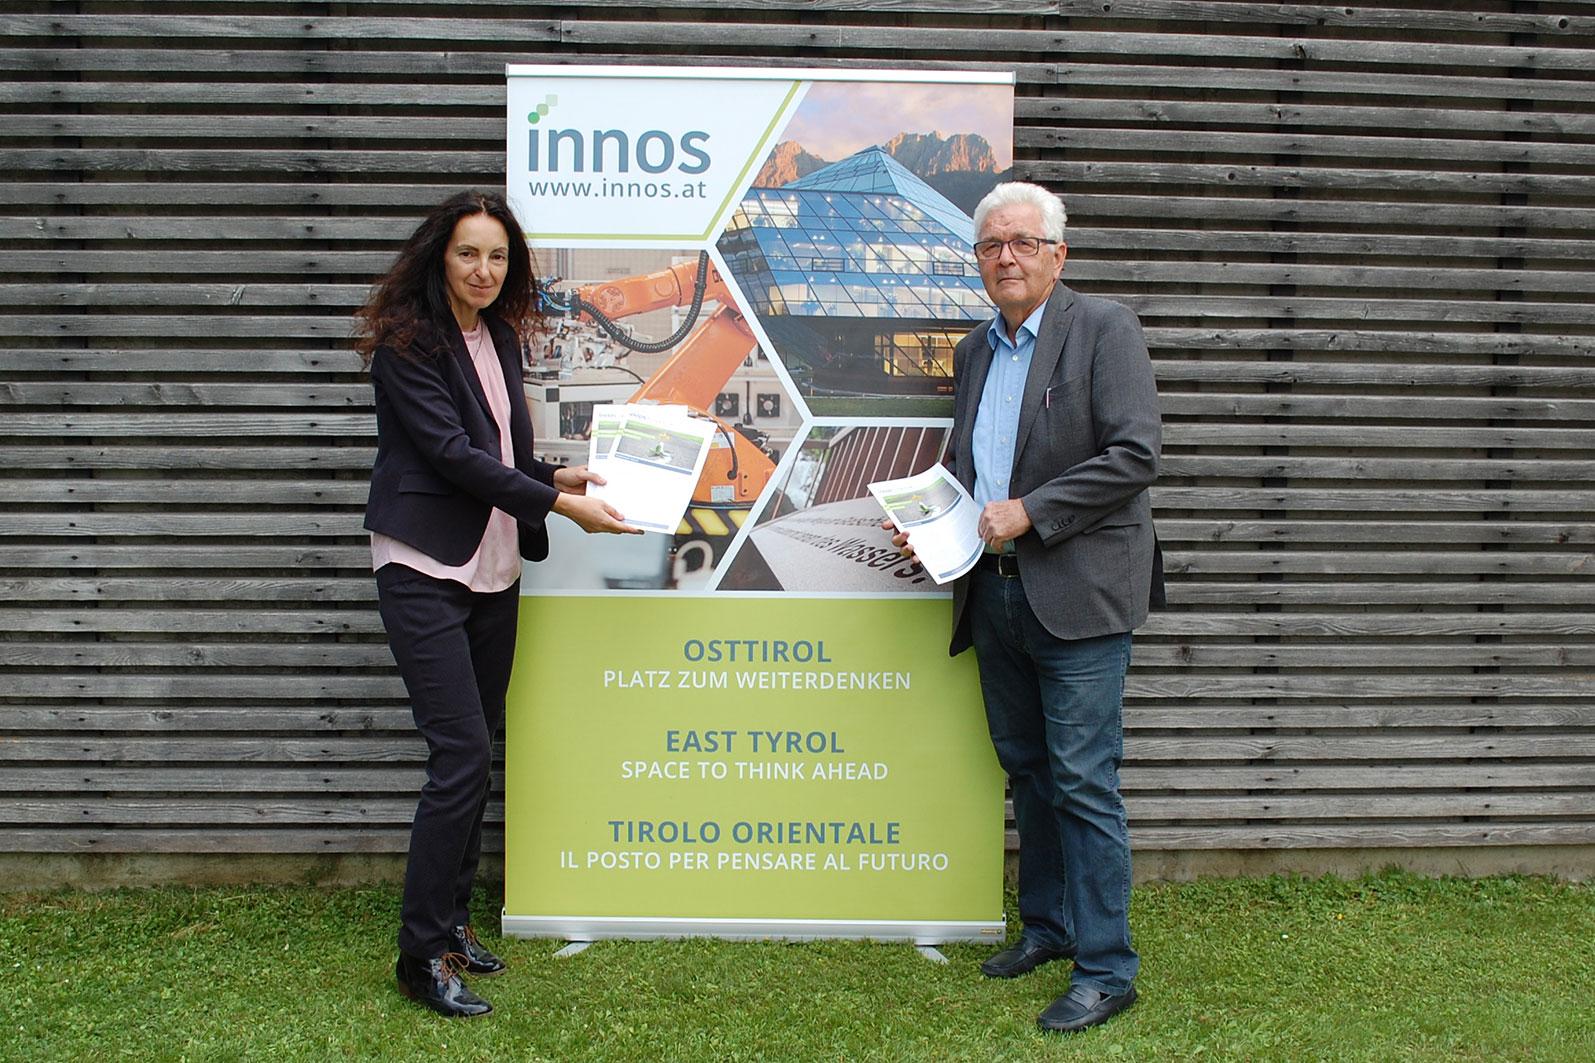 Karin Ibovnik ist neue Geschäftsführerin der INNOS GmbH